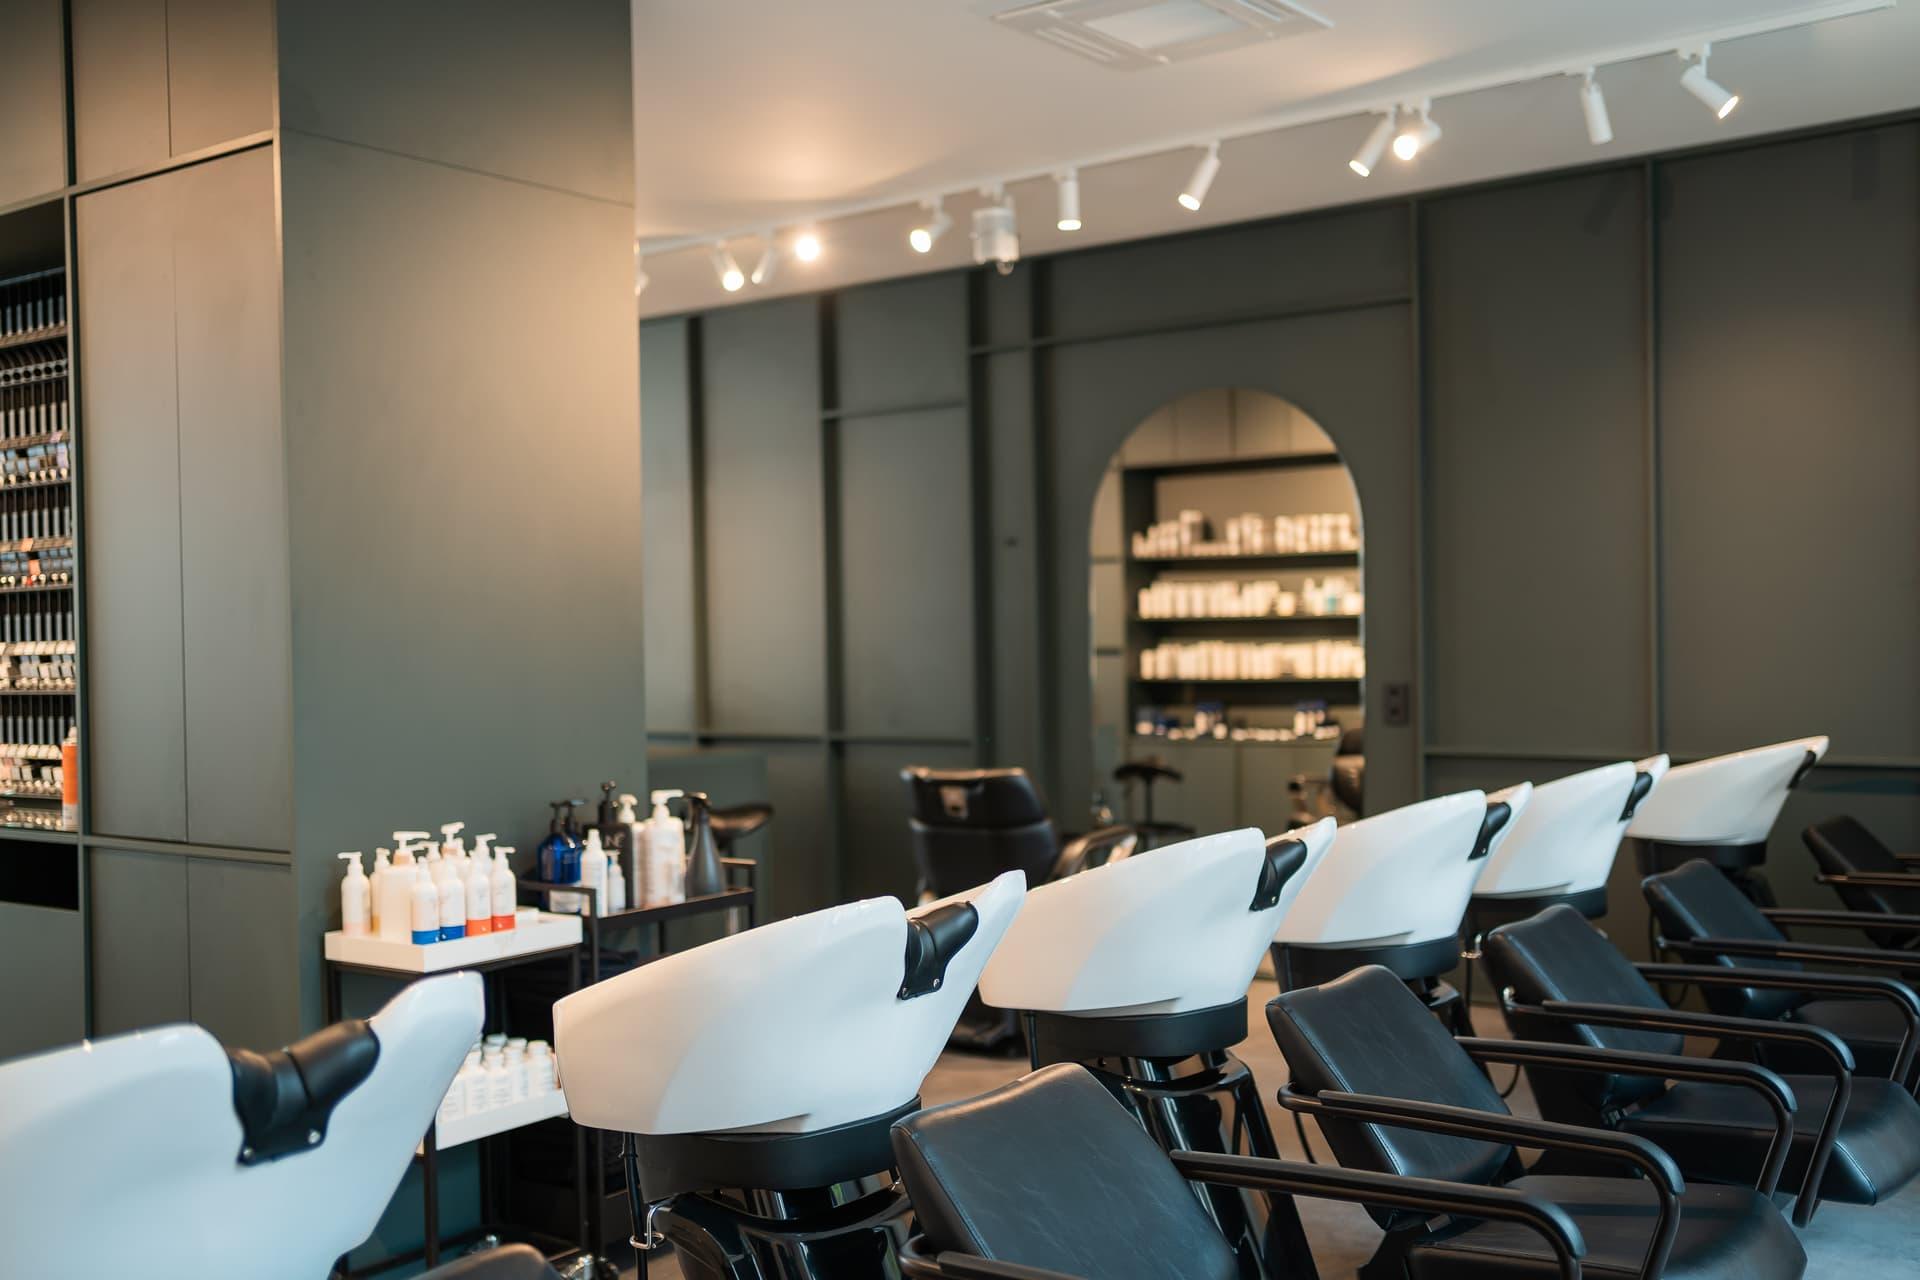 Haare waschen Marco Dupre